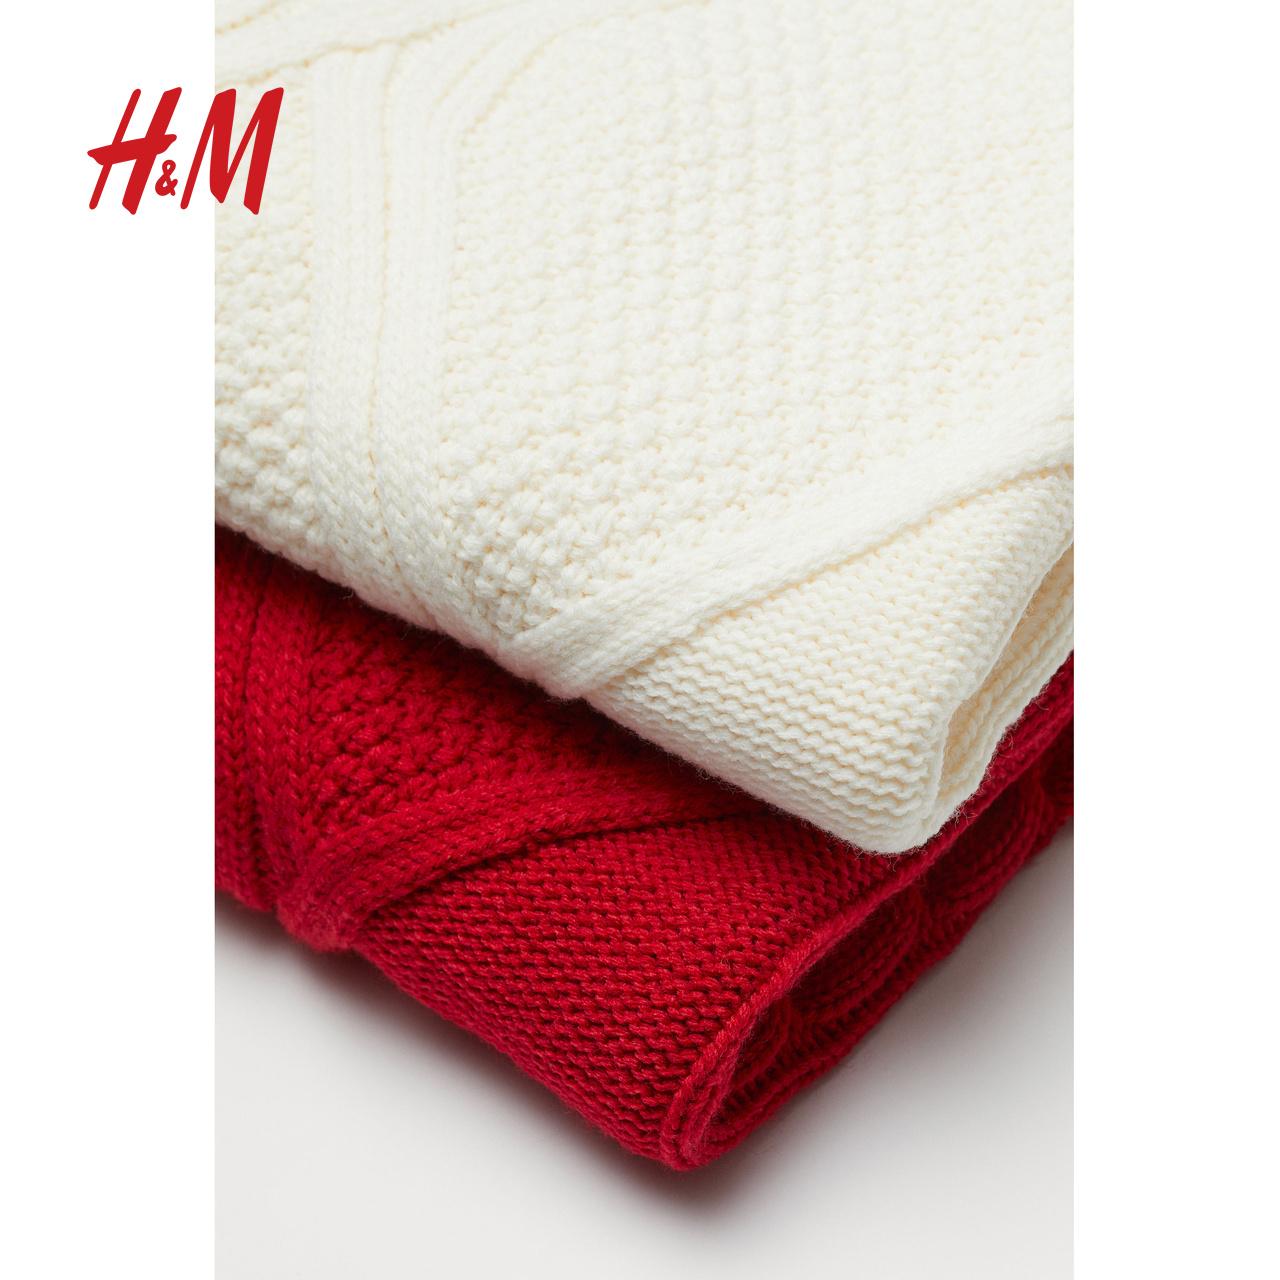 HM 女装针织上衣女宽松百搭2020新款短款毛衫长袖针织衫 0815574